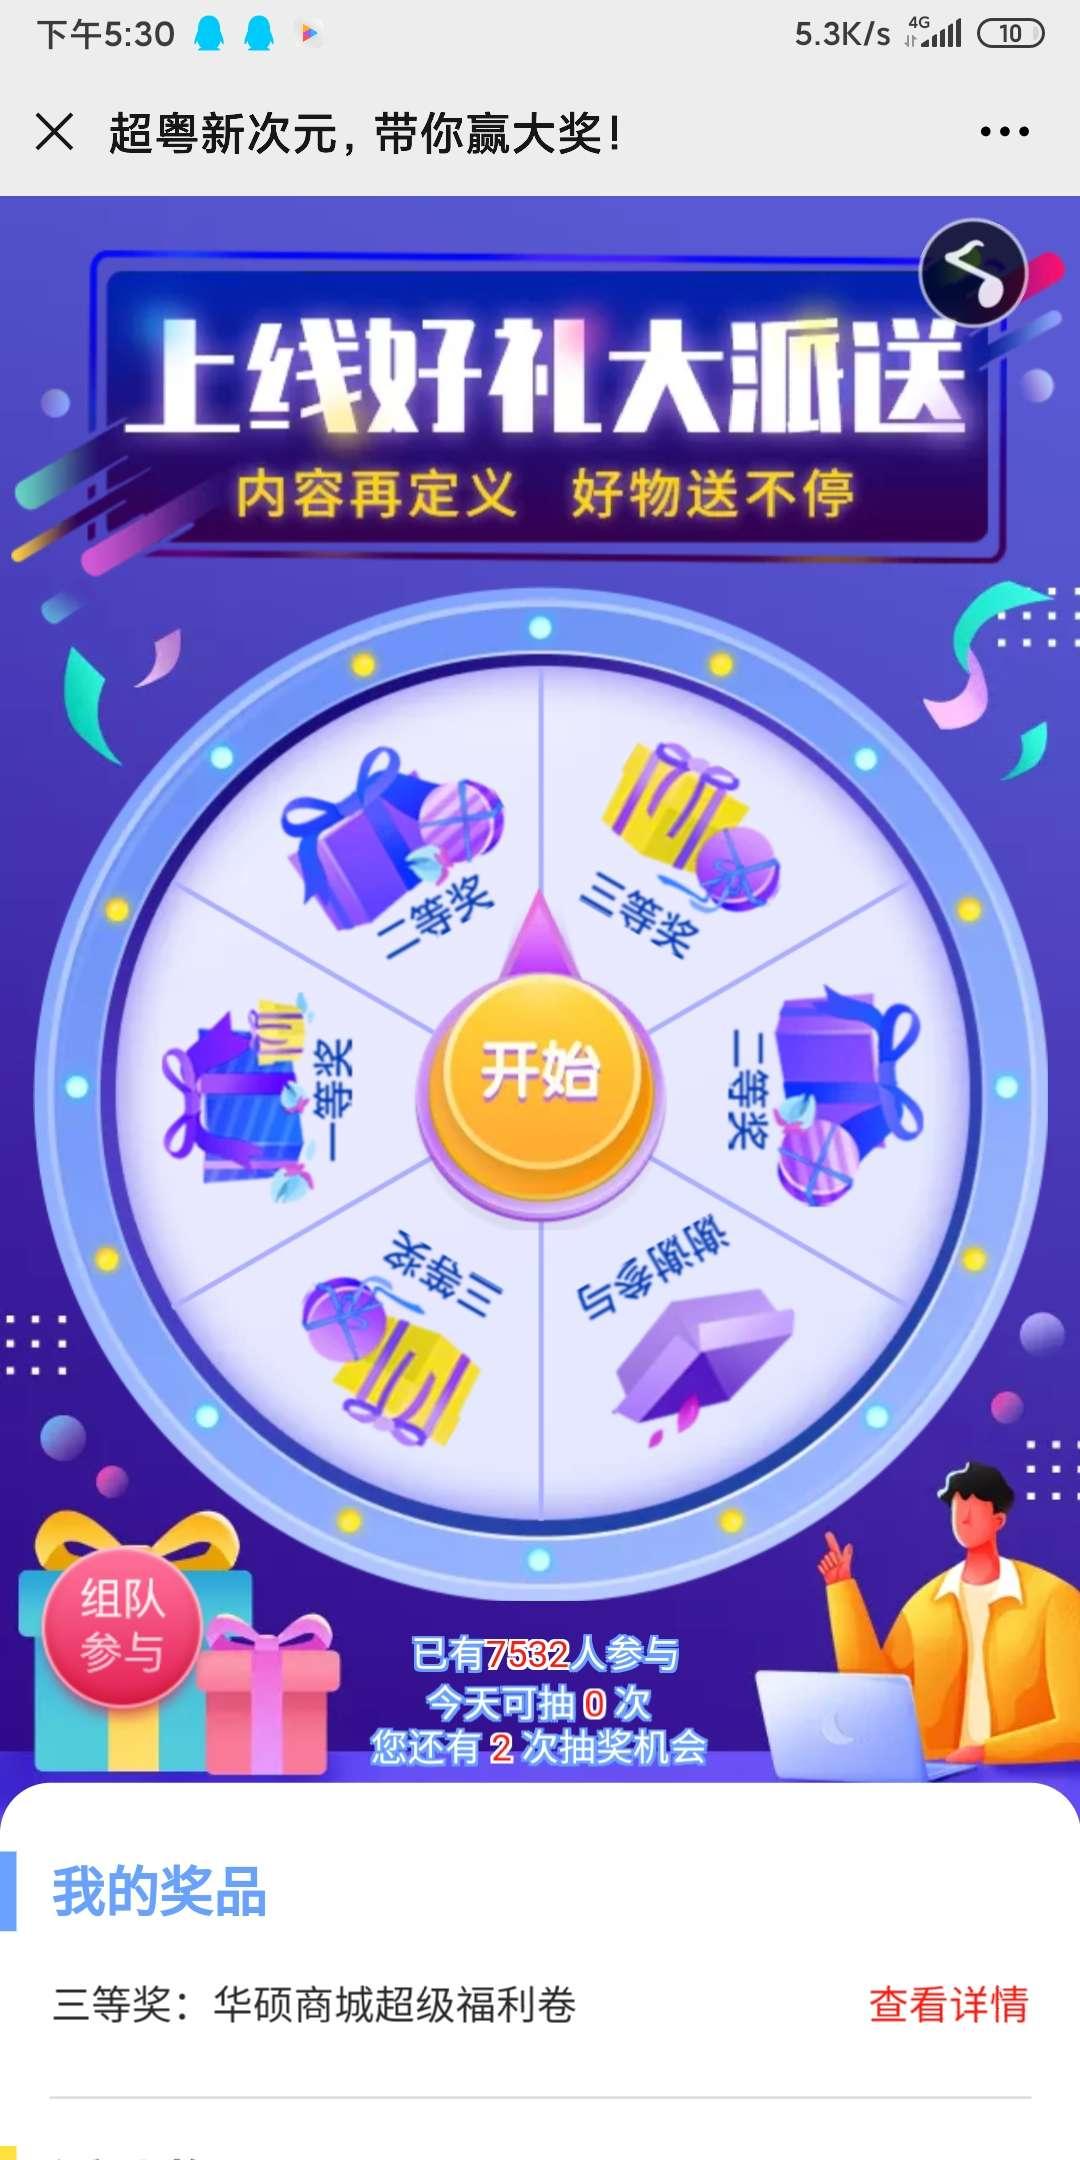 【现金红包】华硕电脑活动抽奖